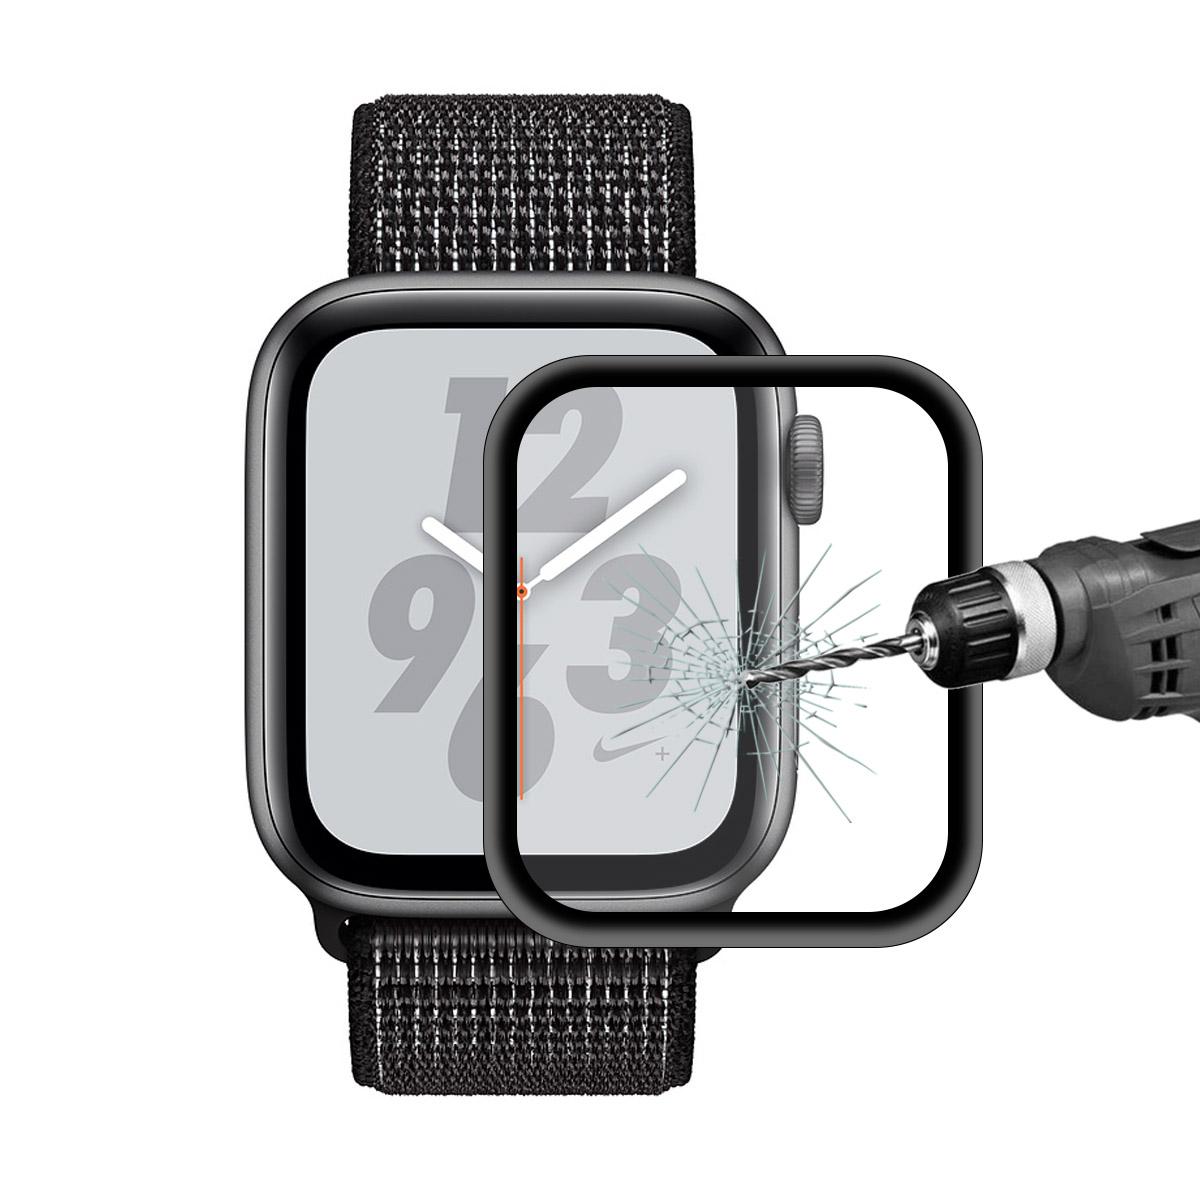 EnkayАлюминиевыйсплавЗакаленноестекло-экранпротектор для серии яблоко Watch 4/яблоко Watch Серия 5 44мм 0,2мм 3D изогнутый край 9Н пленка